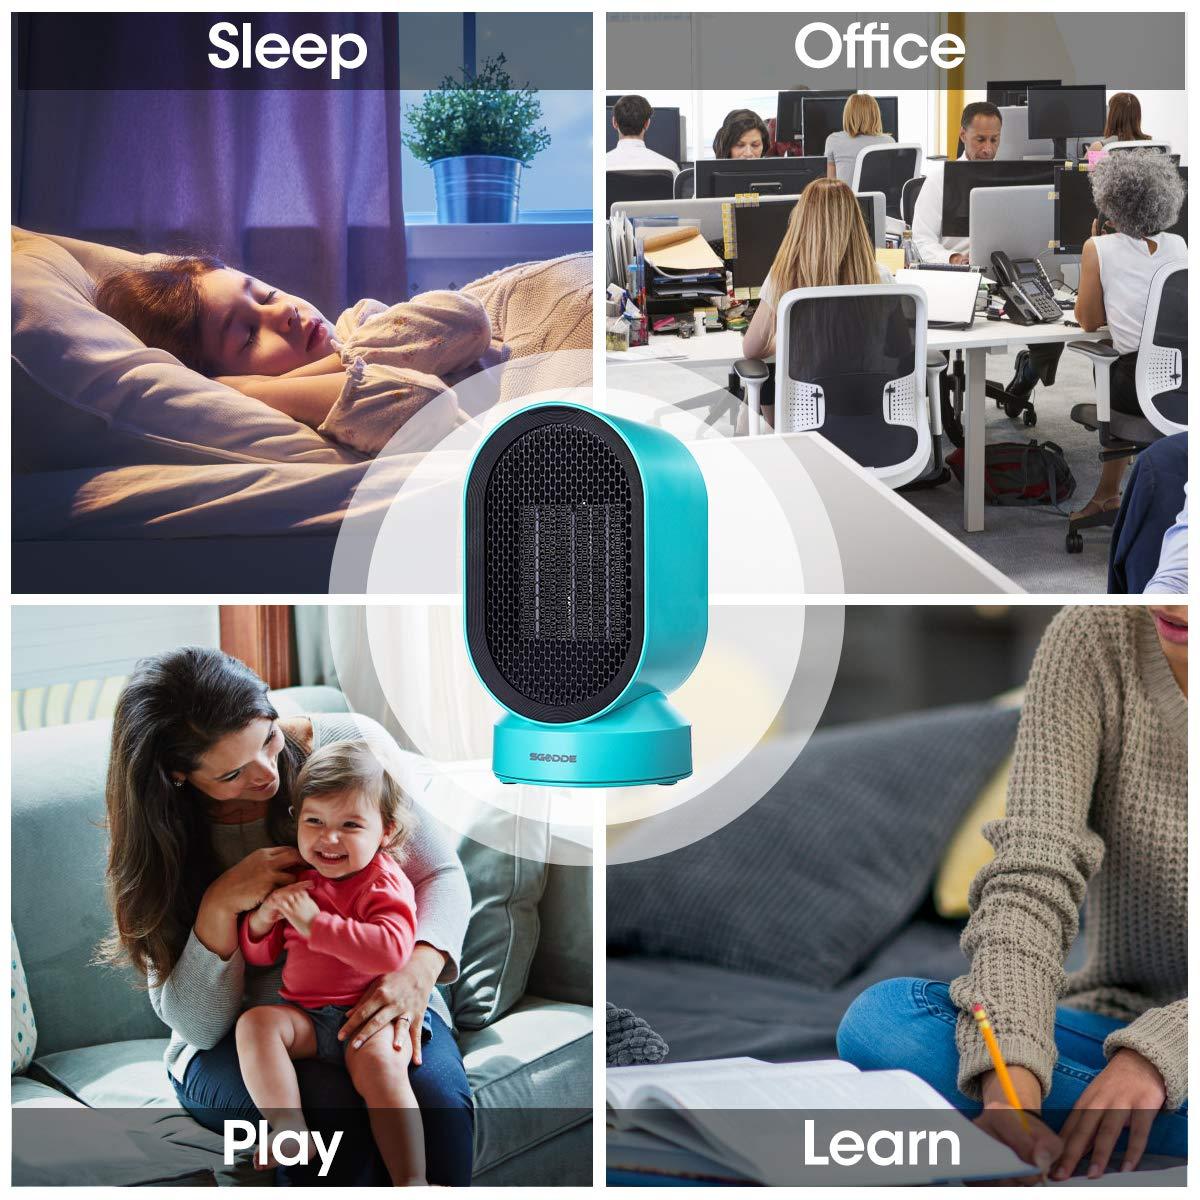 Vent Puissant Pour Poussette,Camping,Bureau,Voiture SGODDE Ventilateur de Table et Chauffage /Électrique 2 Modes 21 cm Ultra Silencieux 45dB 4W Turbo Fan fonction oscillation 50/°